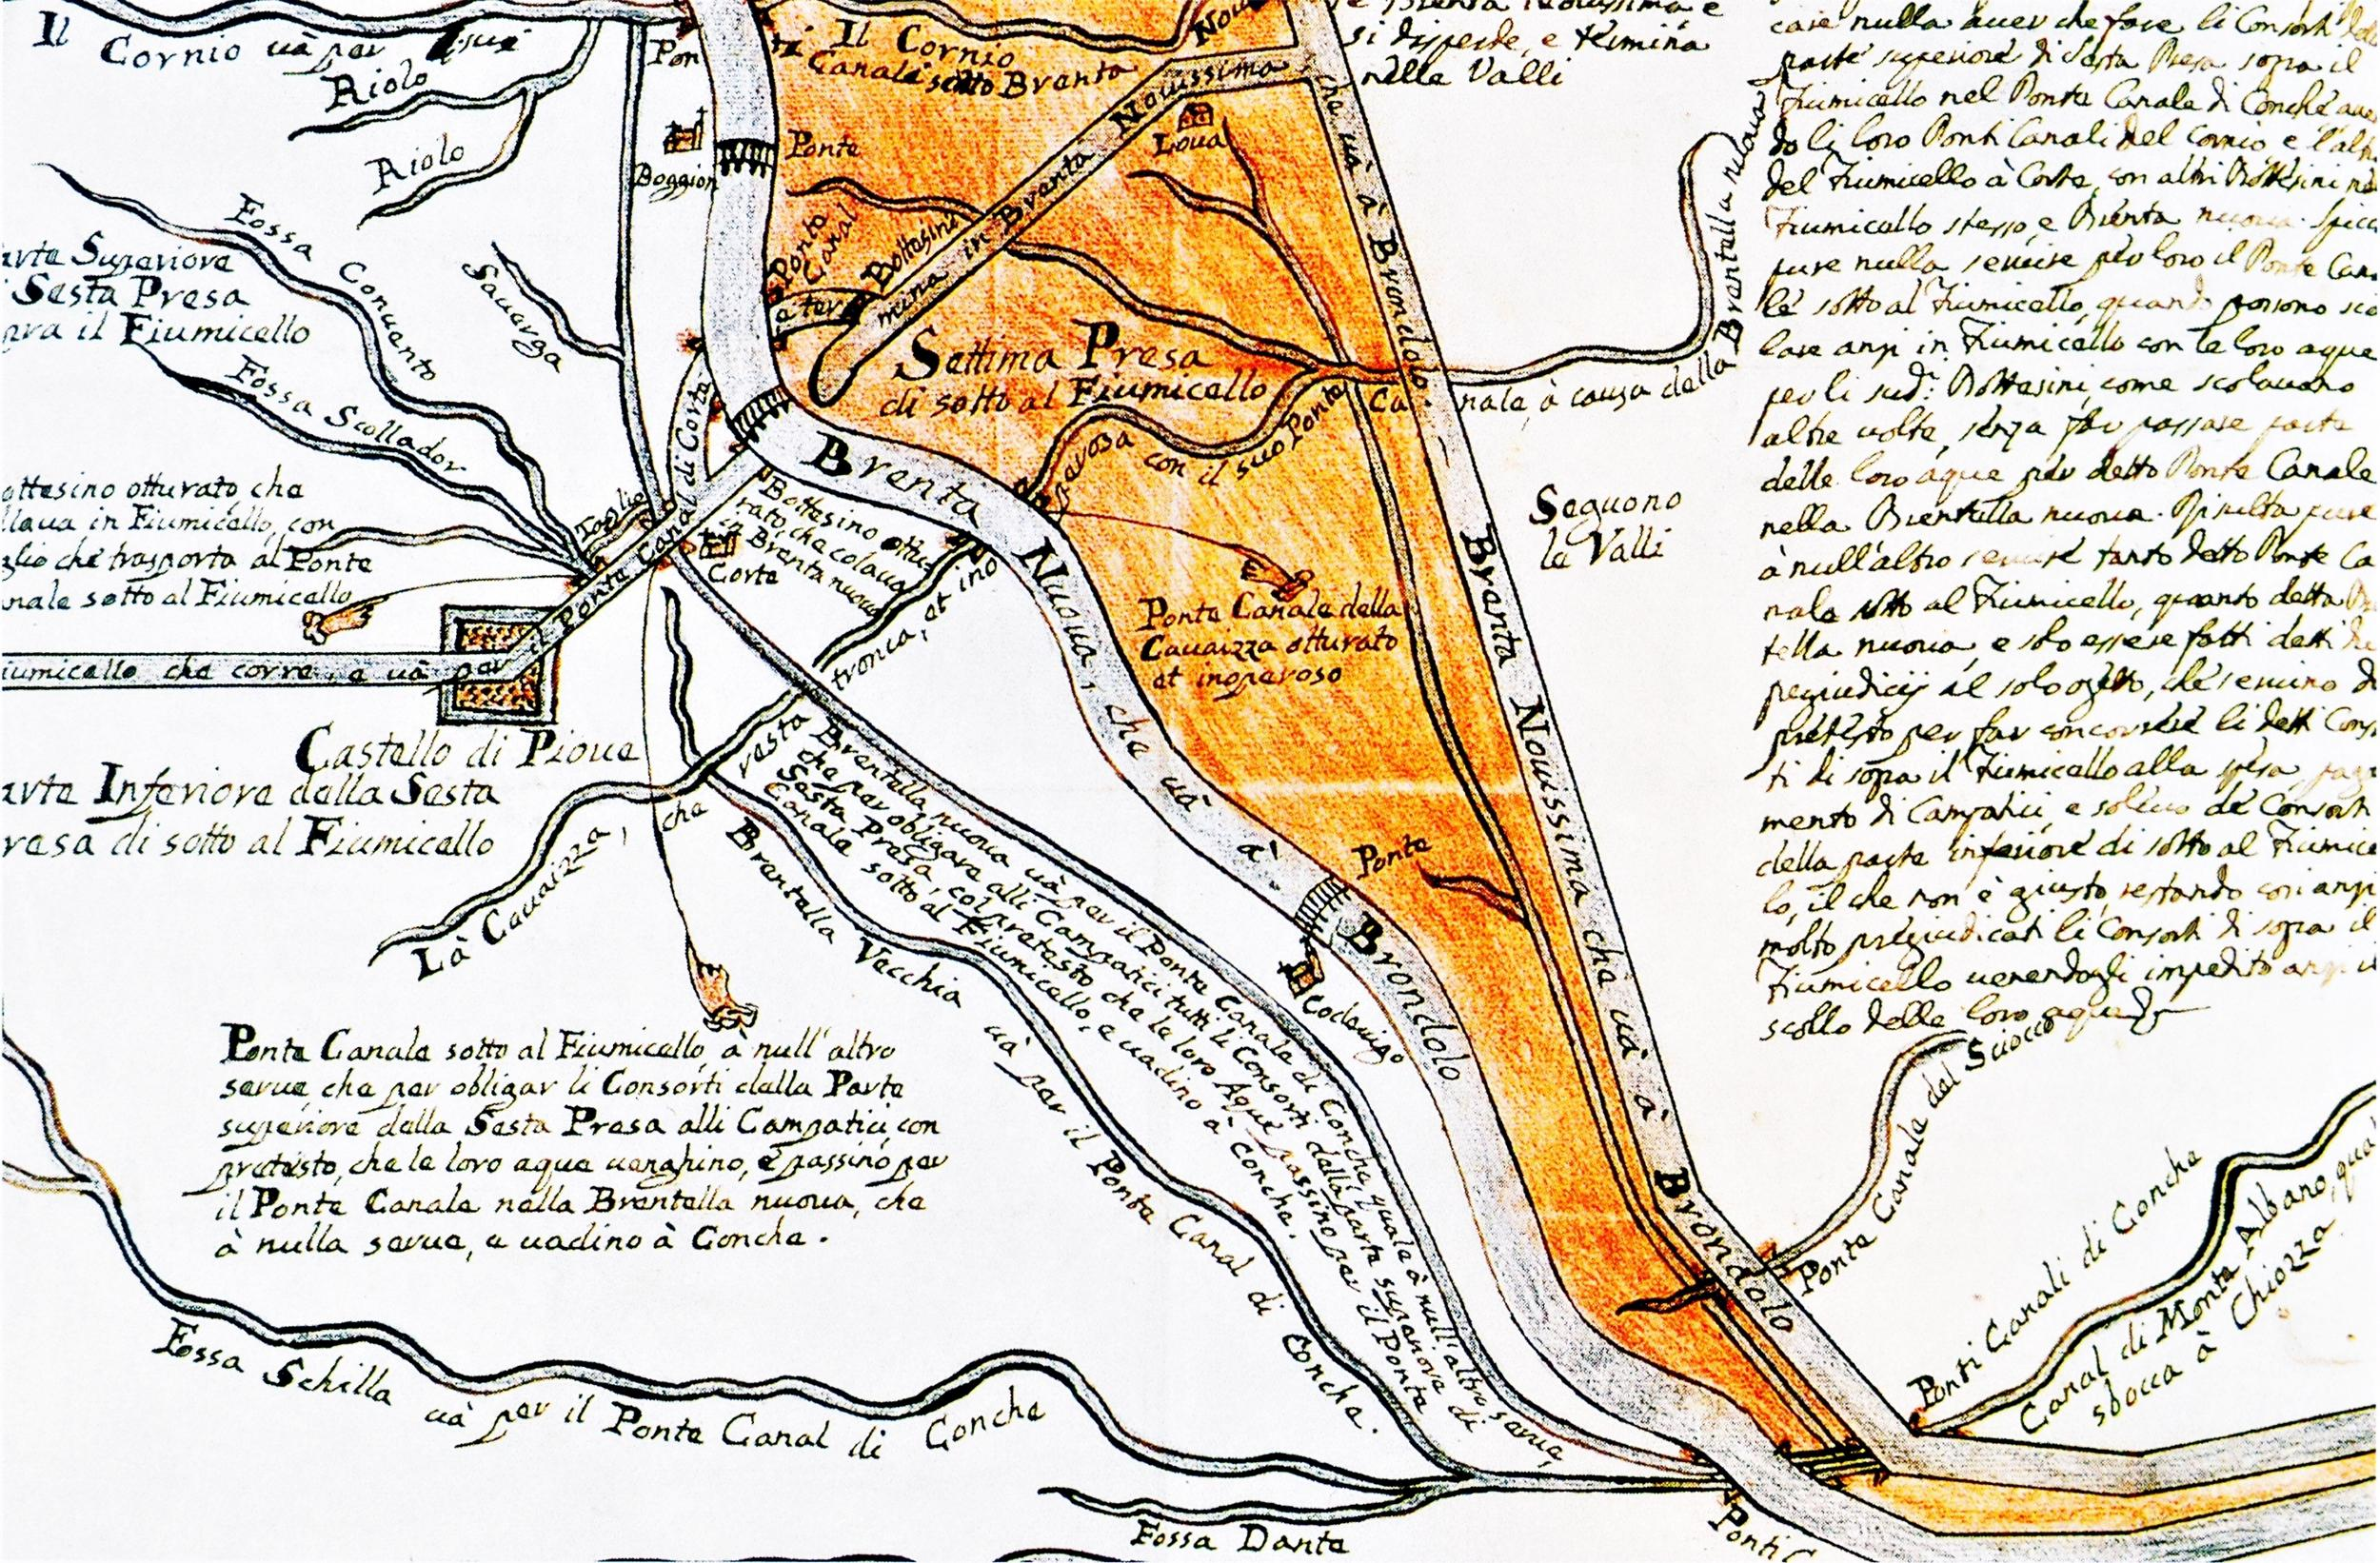 Nodo idraulico prima dello sbocco a Brondolo, disegno del XVIII secolo.